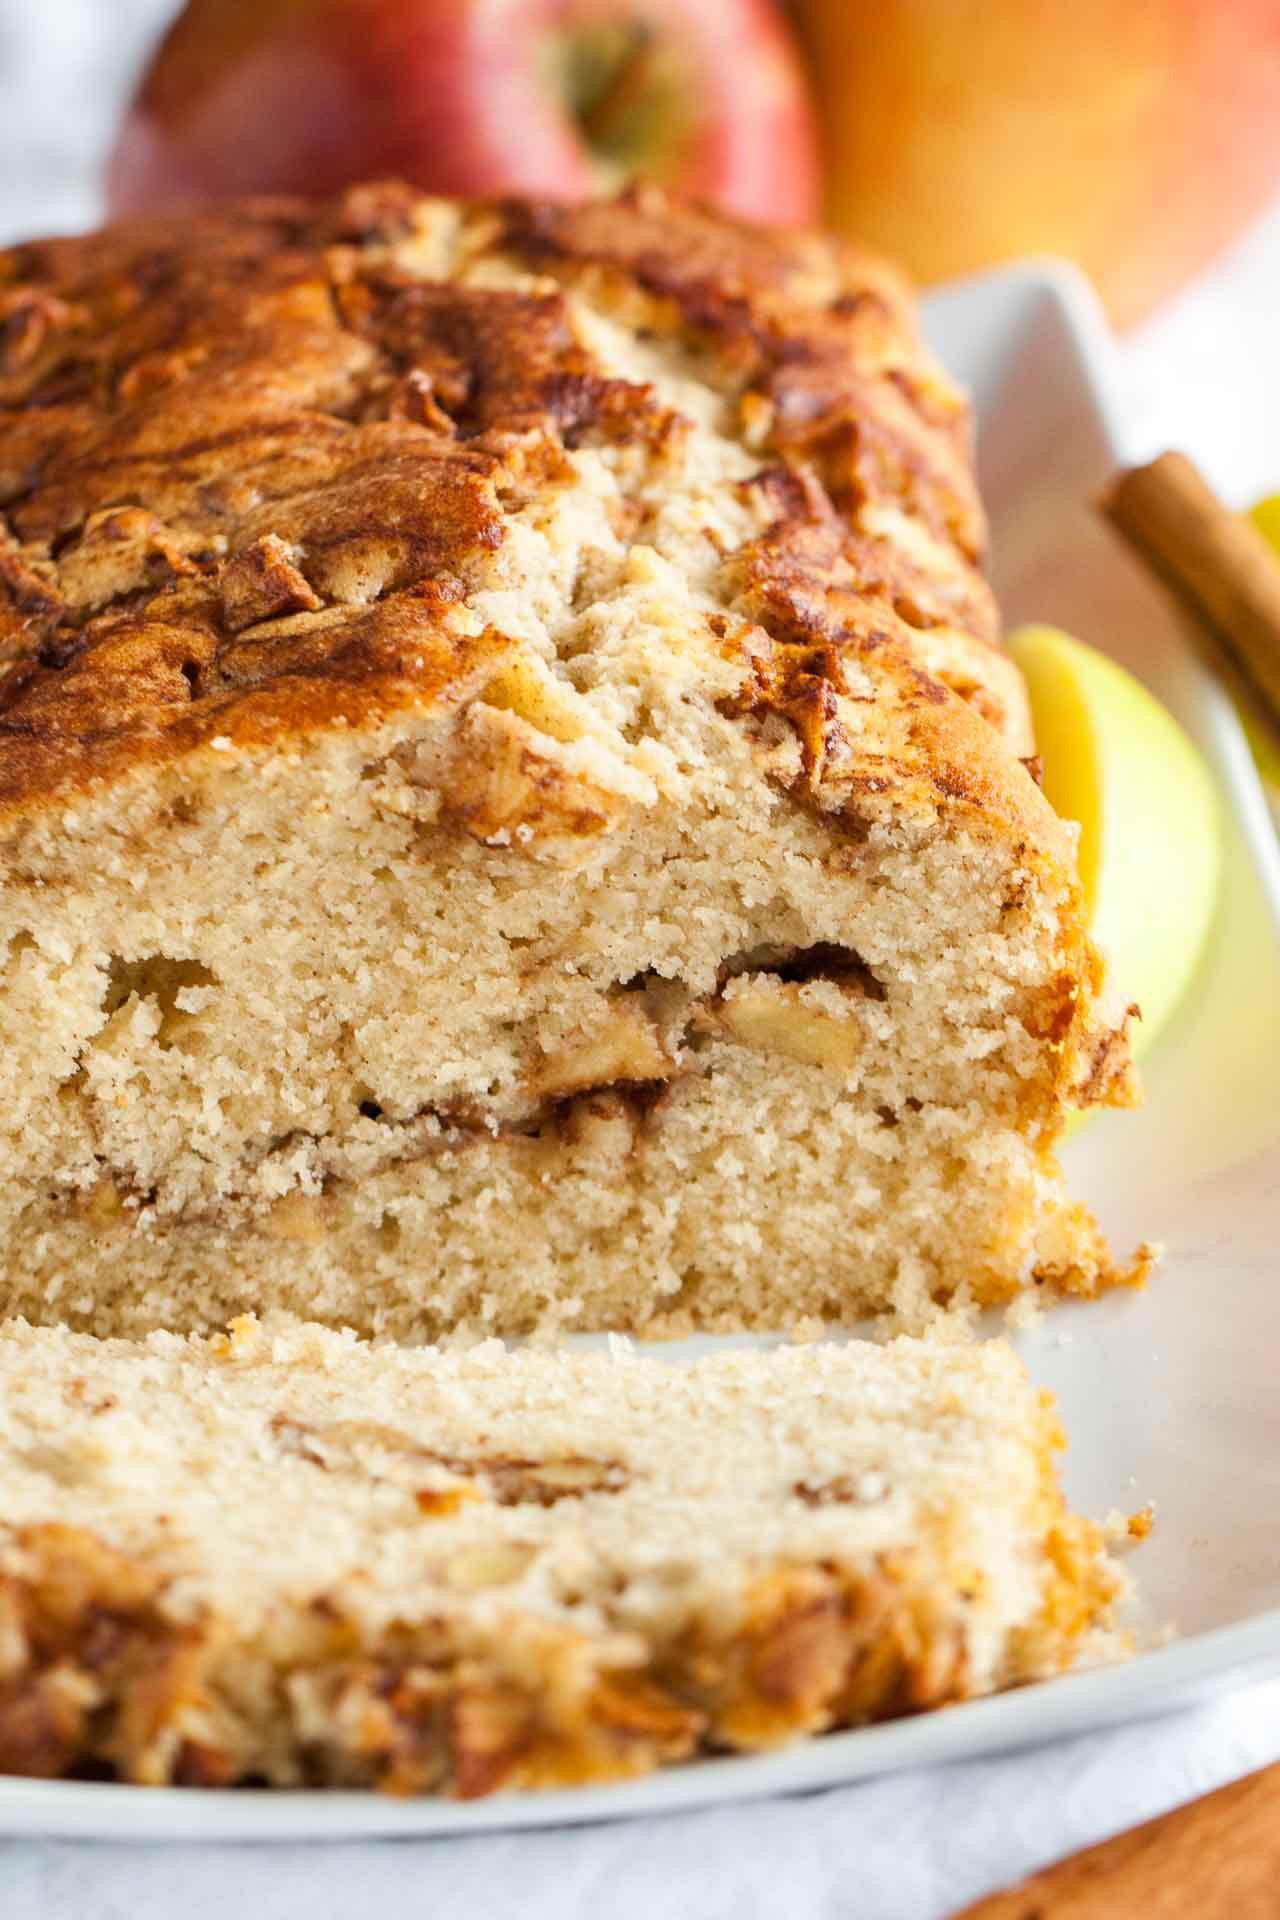 Quick Easy Bread Recipe  Apple Cinnamon Bread Recipe An easy fall quick bread recipe